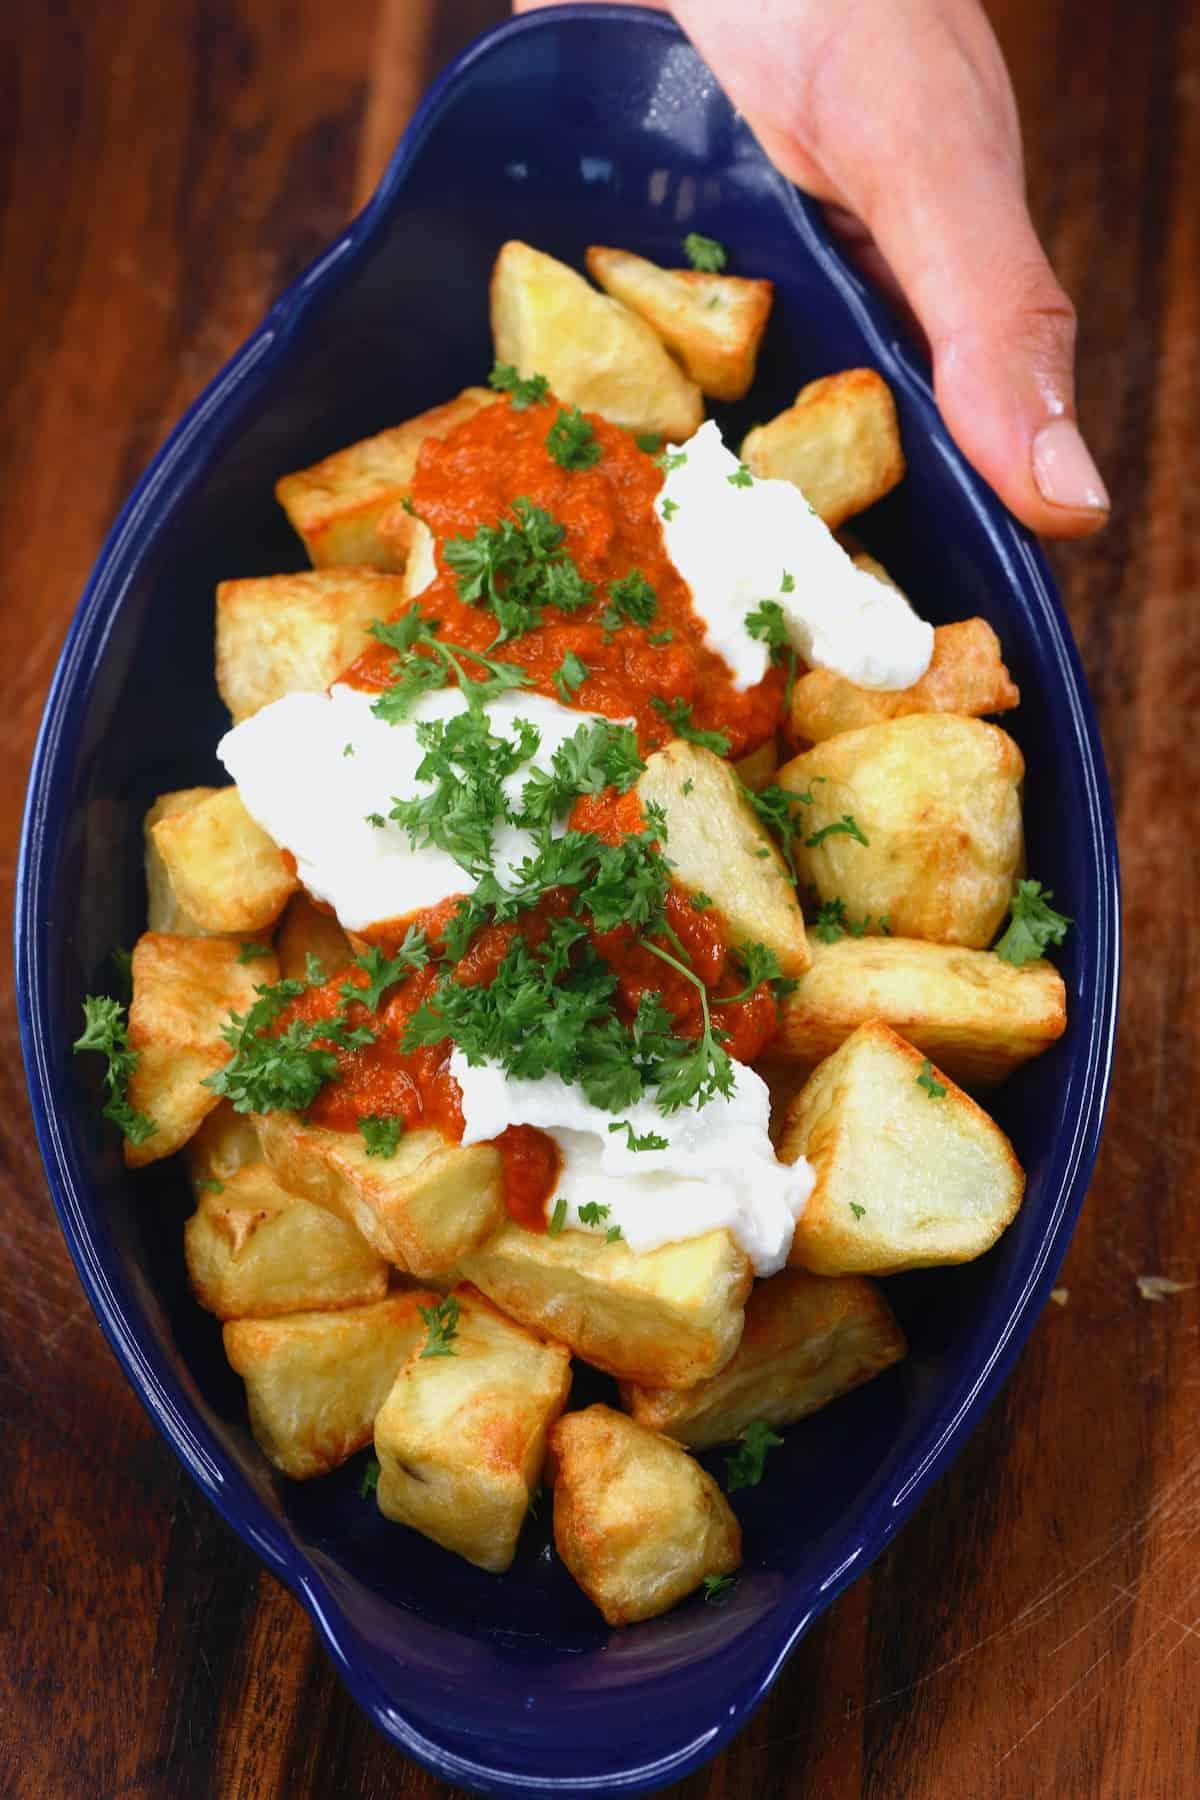 Patatas bravas topped with parsley